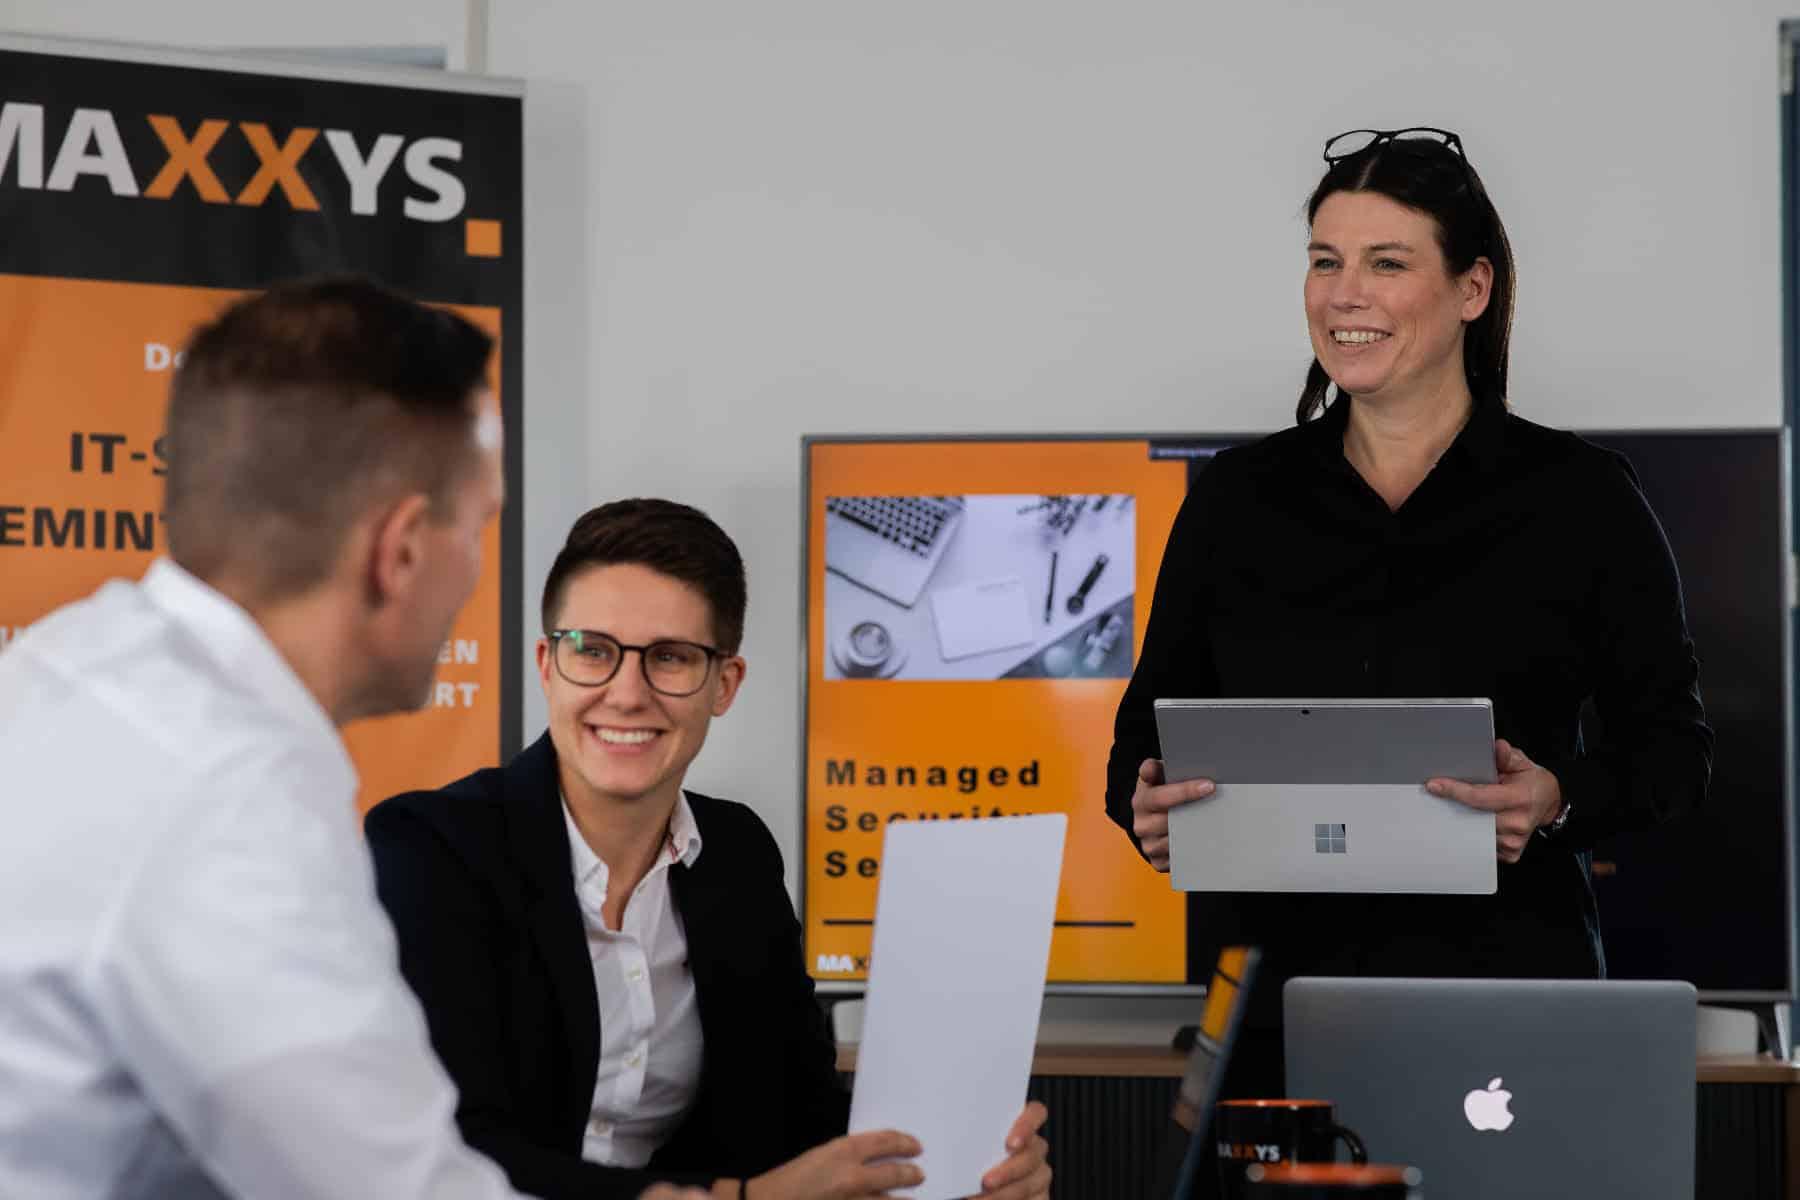 Corporate Fotografie Maxxys IT zwei Frauen ein Mann im Meeting